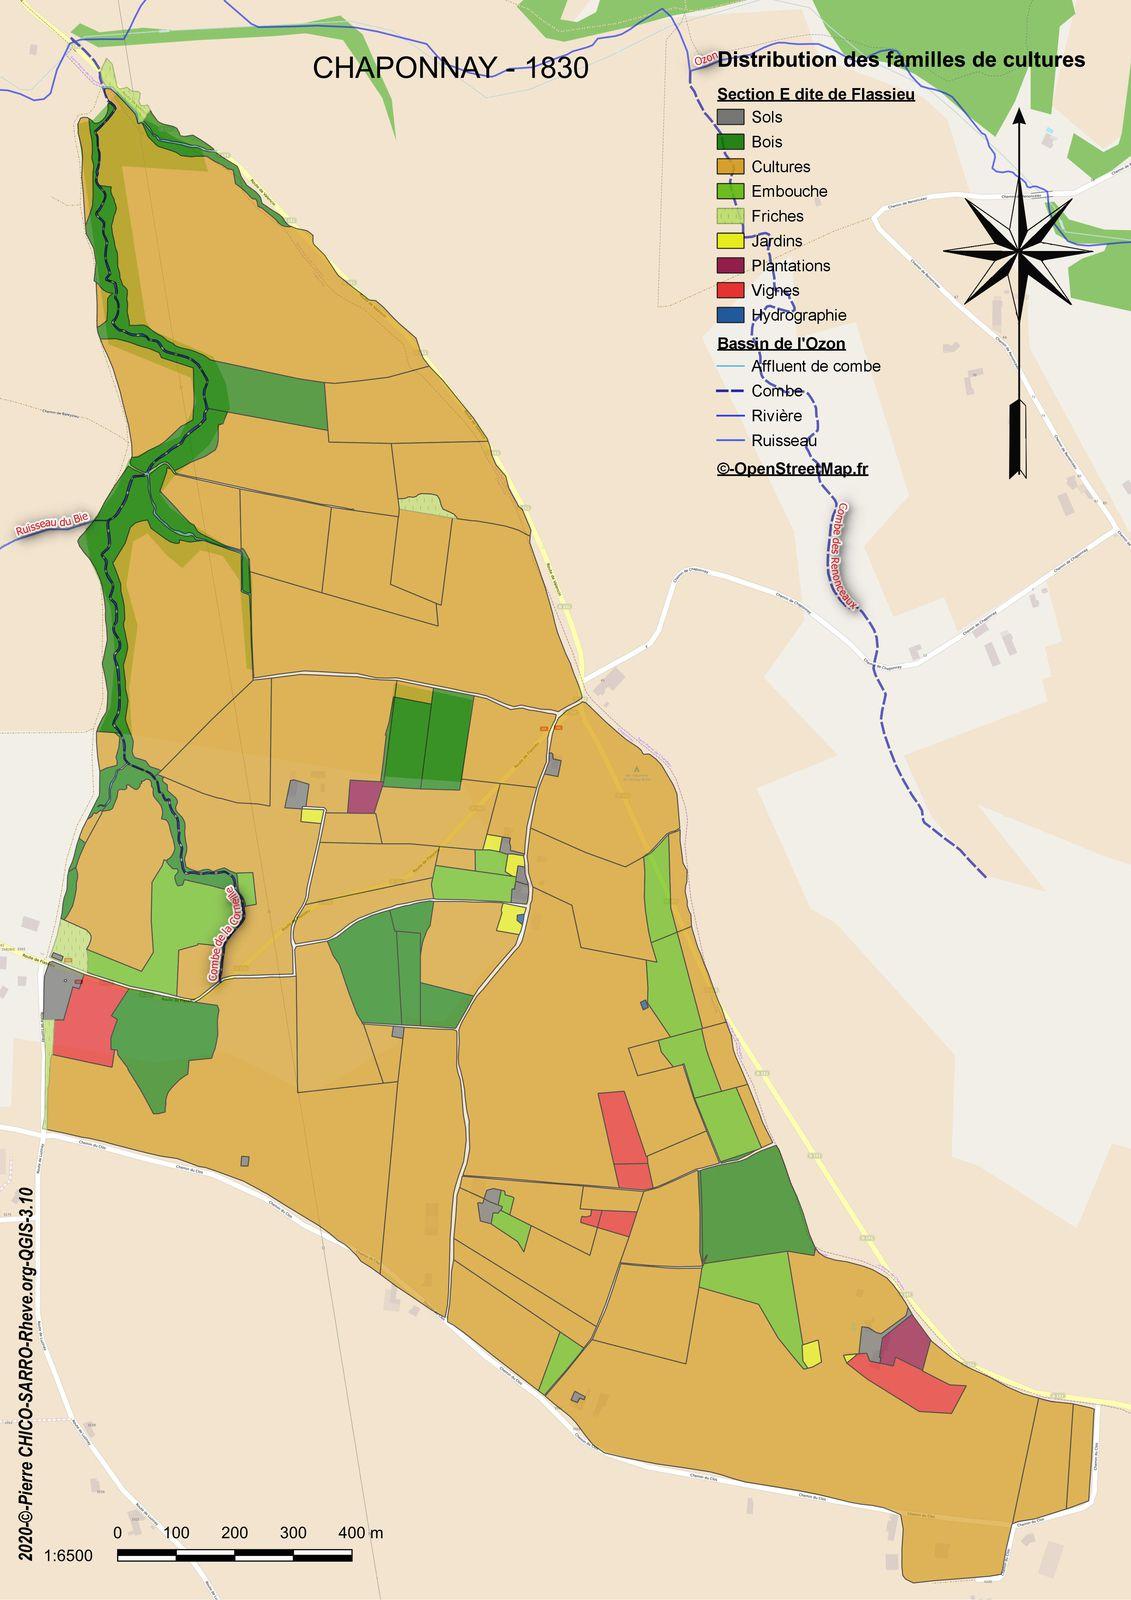 Distribution des familles de cultures dans la section E dite de Flassieu à Chaponnay en 1830